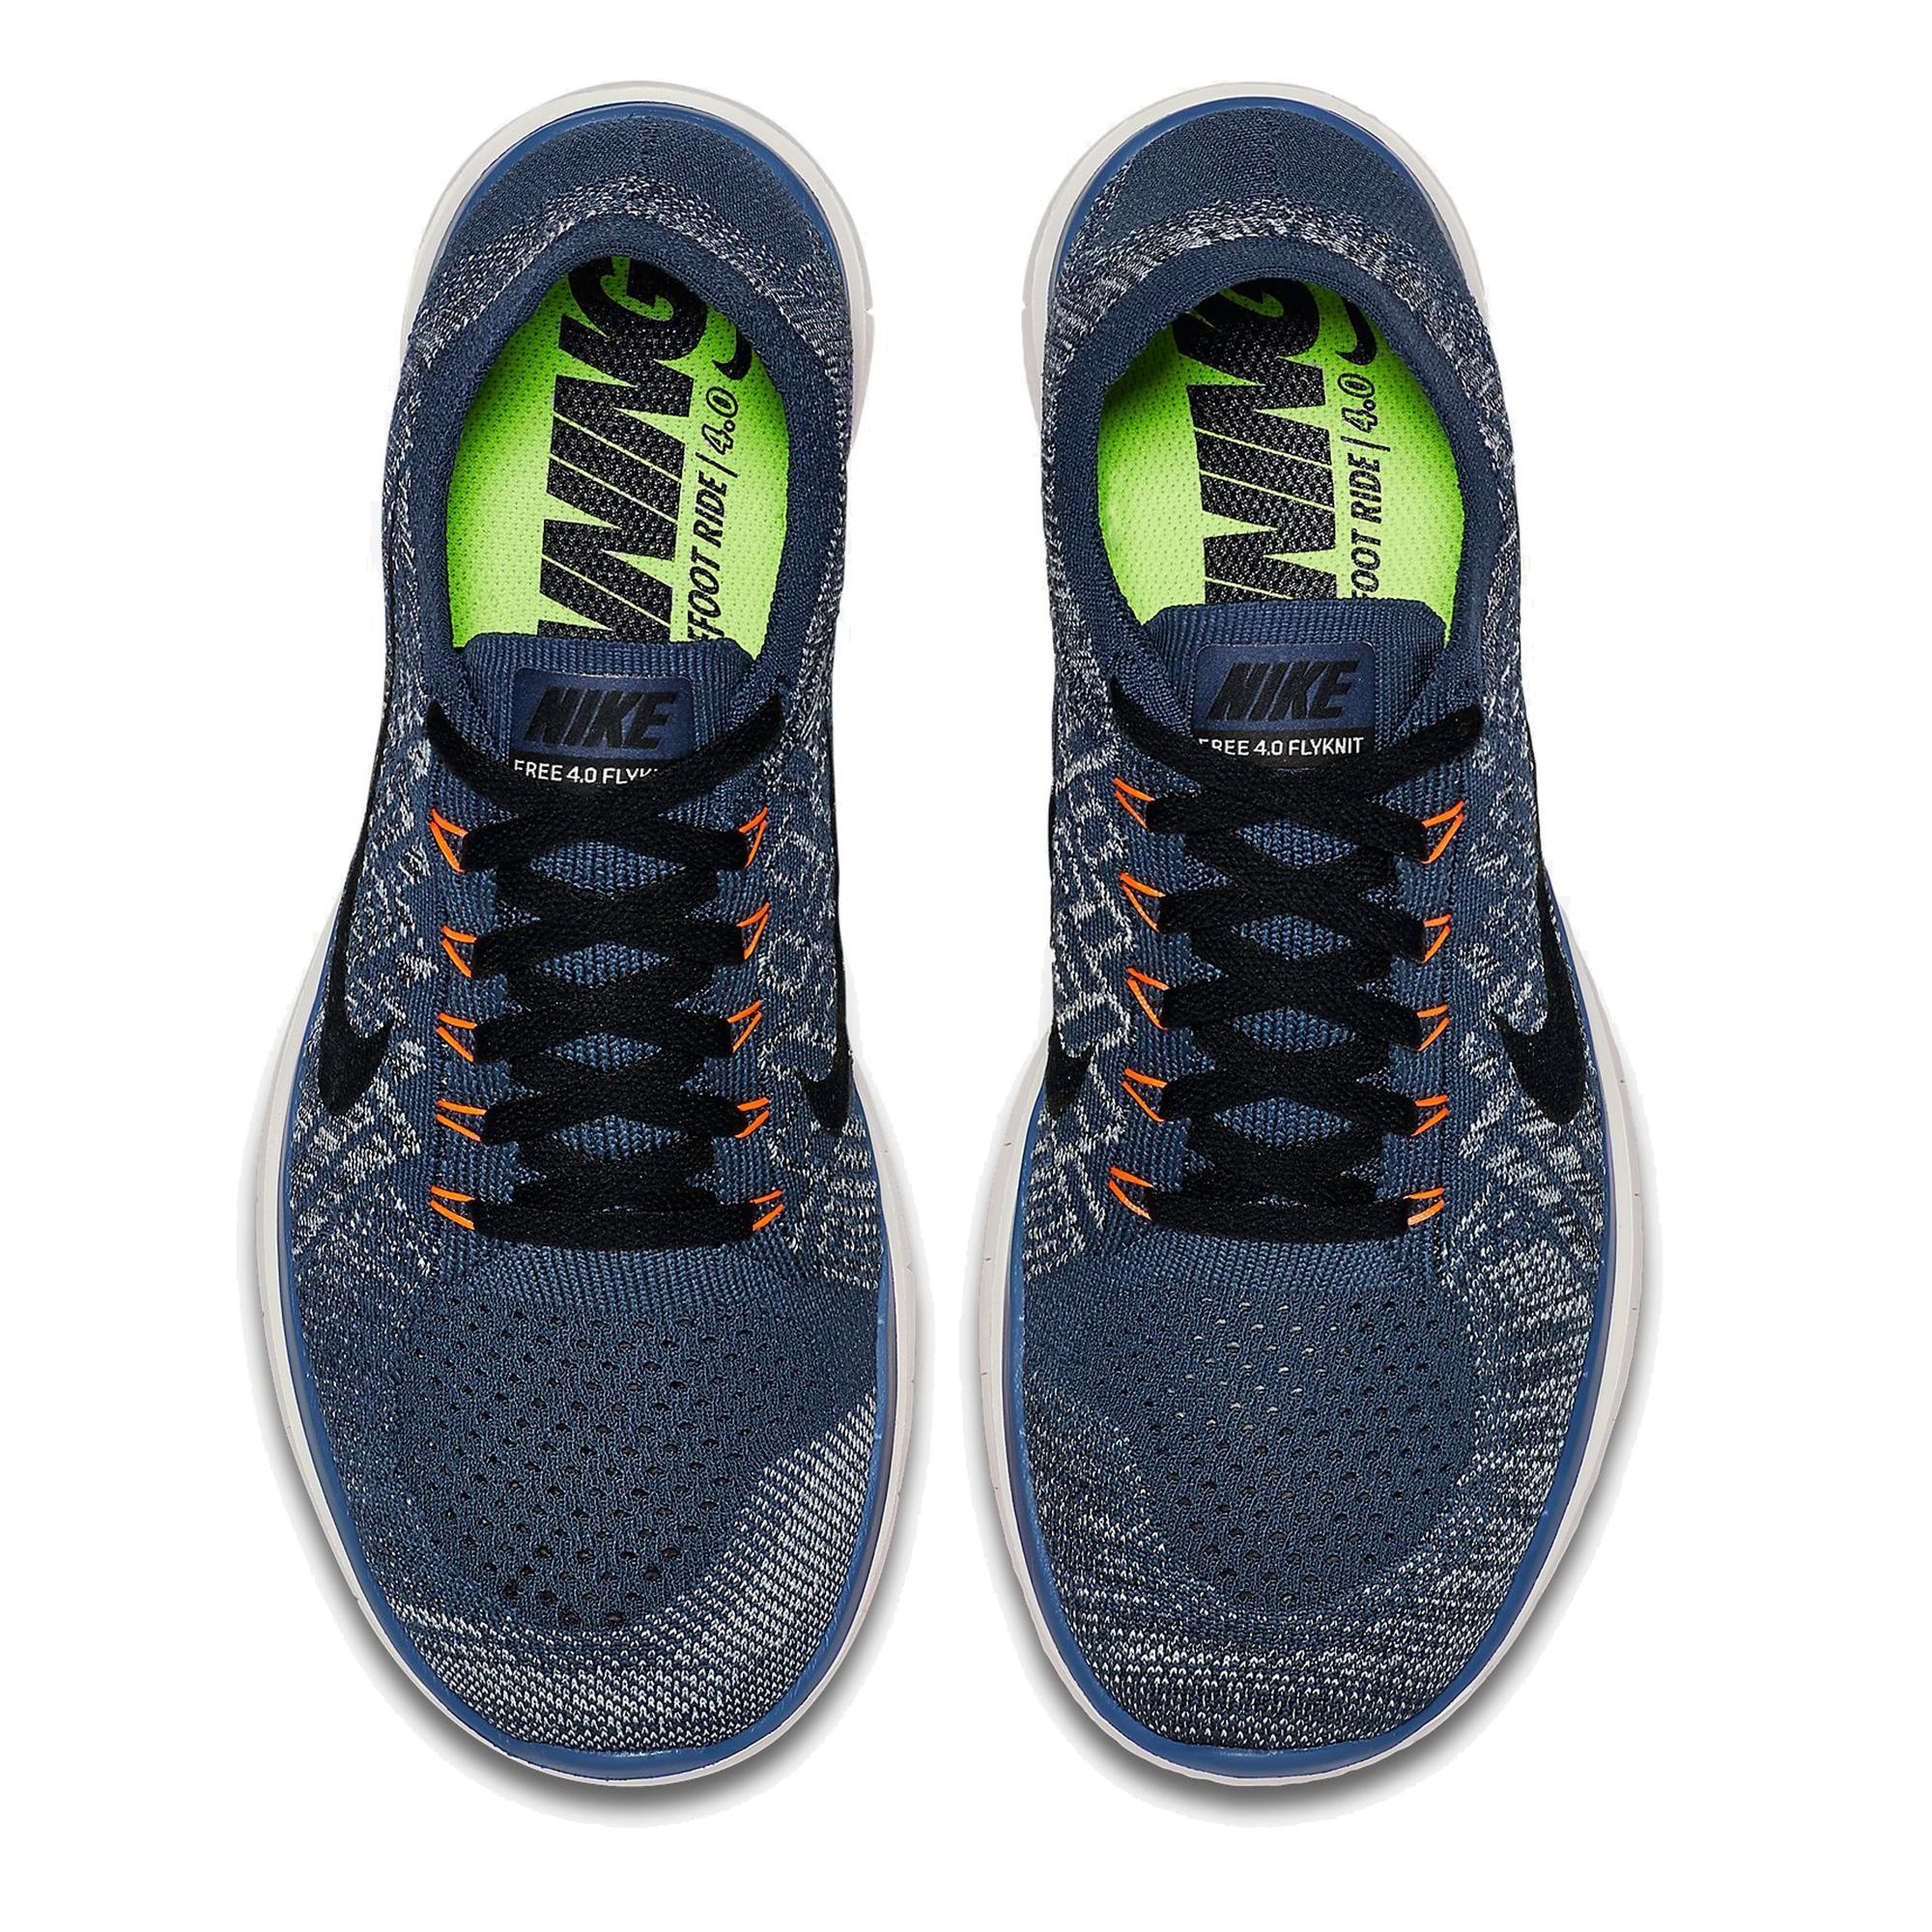 nike free 4.0 flyknit sport ayakkabı